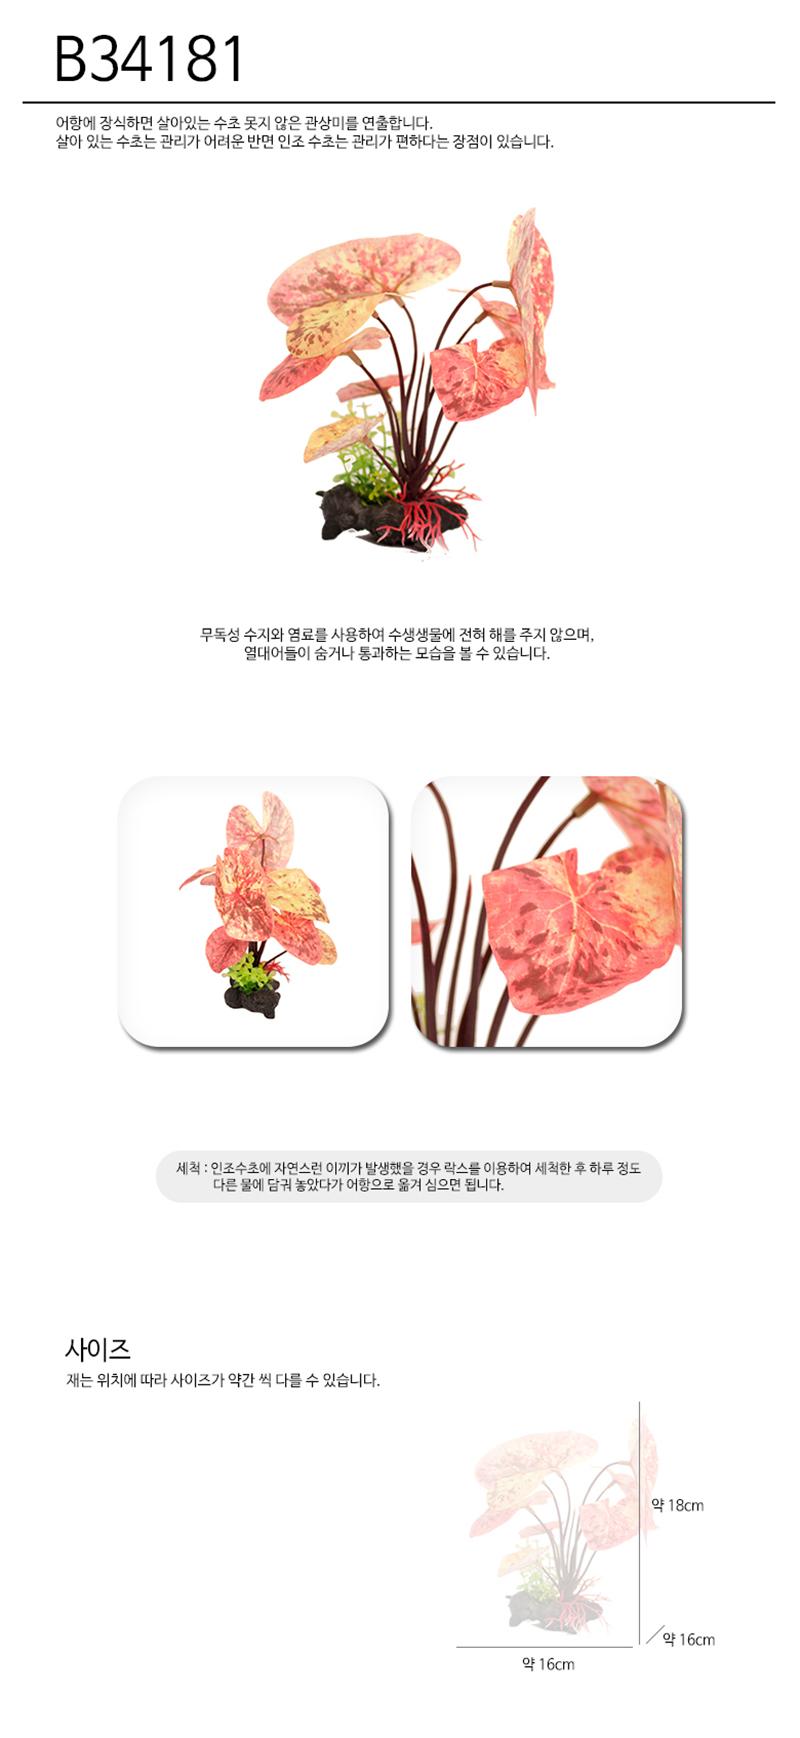 아마존 조화B34181(16cm) - 스타릿1, 5,000원, 장식품, 수초